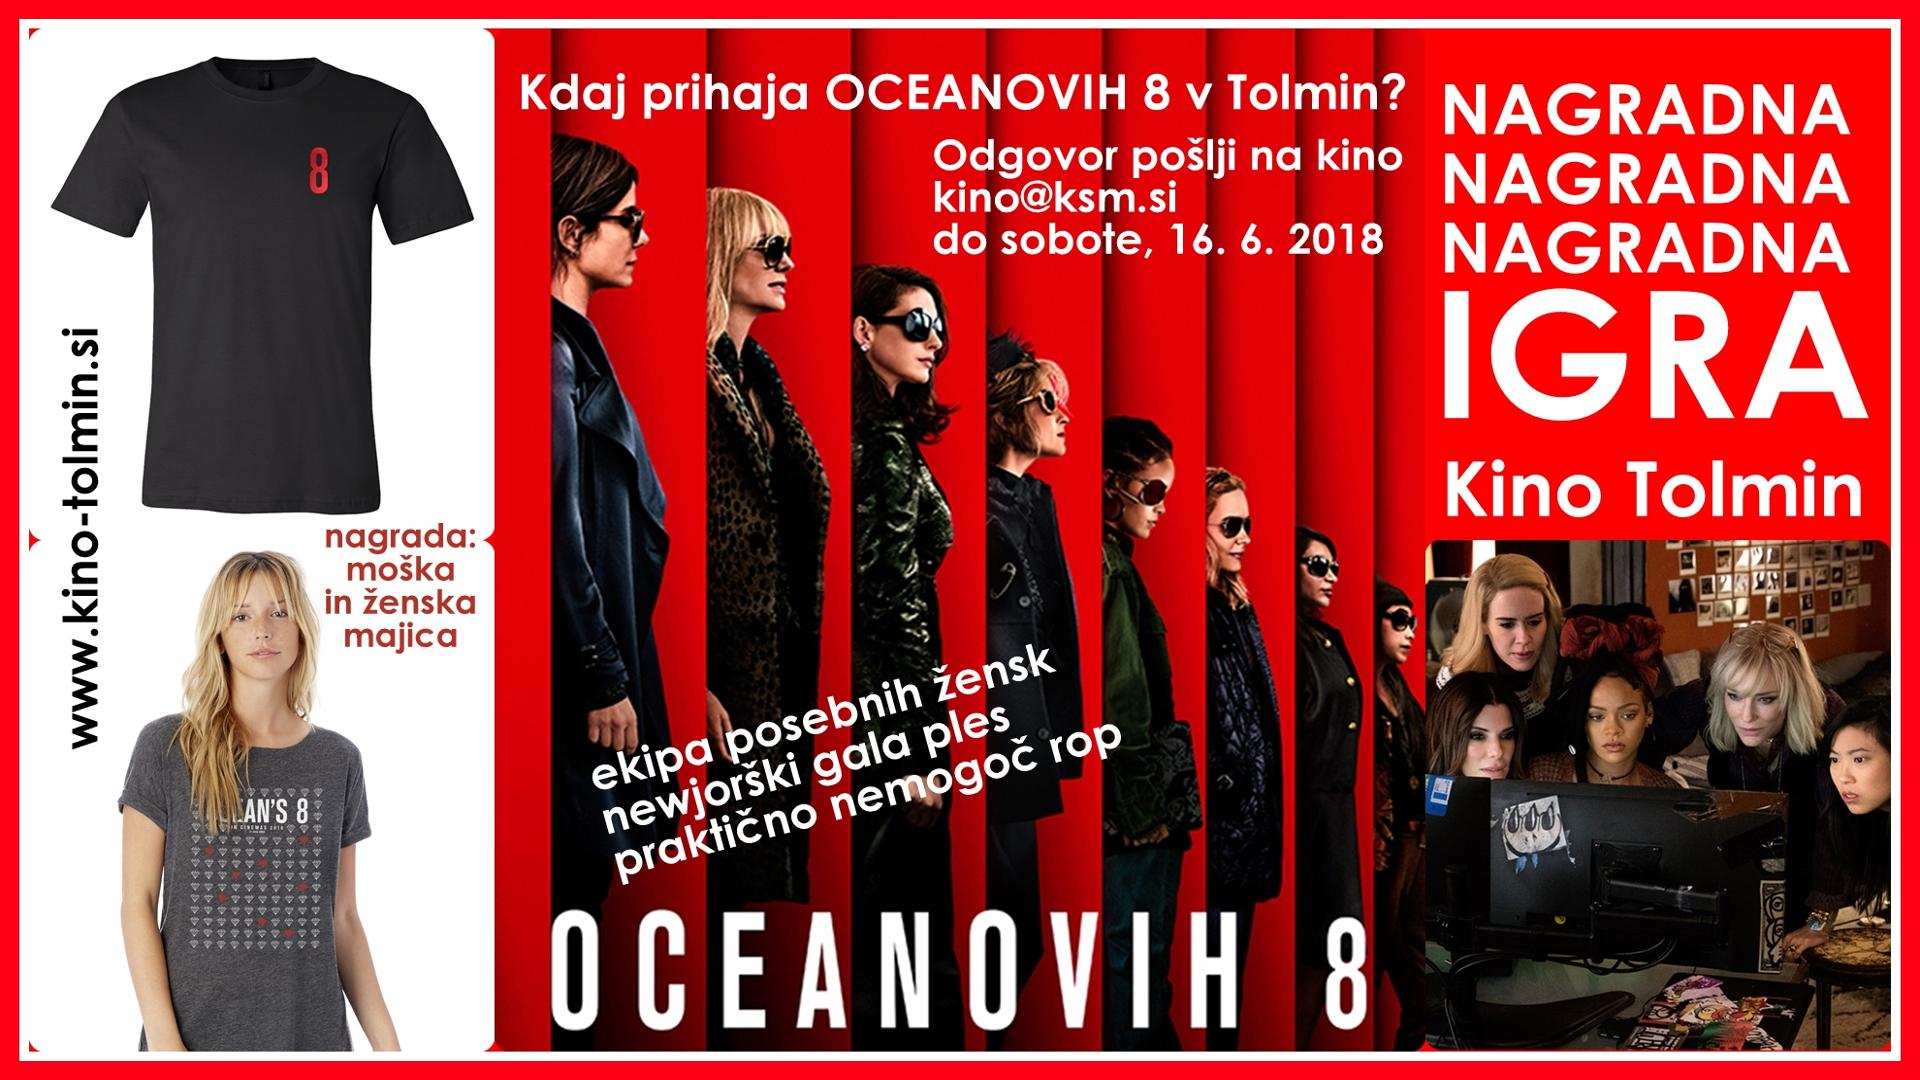 OCEANOVIH 8 (komični triler) NAGRADNA IGRA!